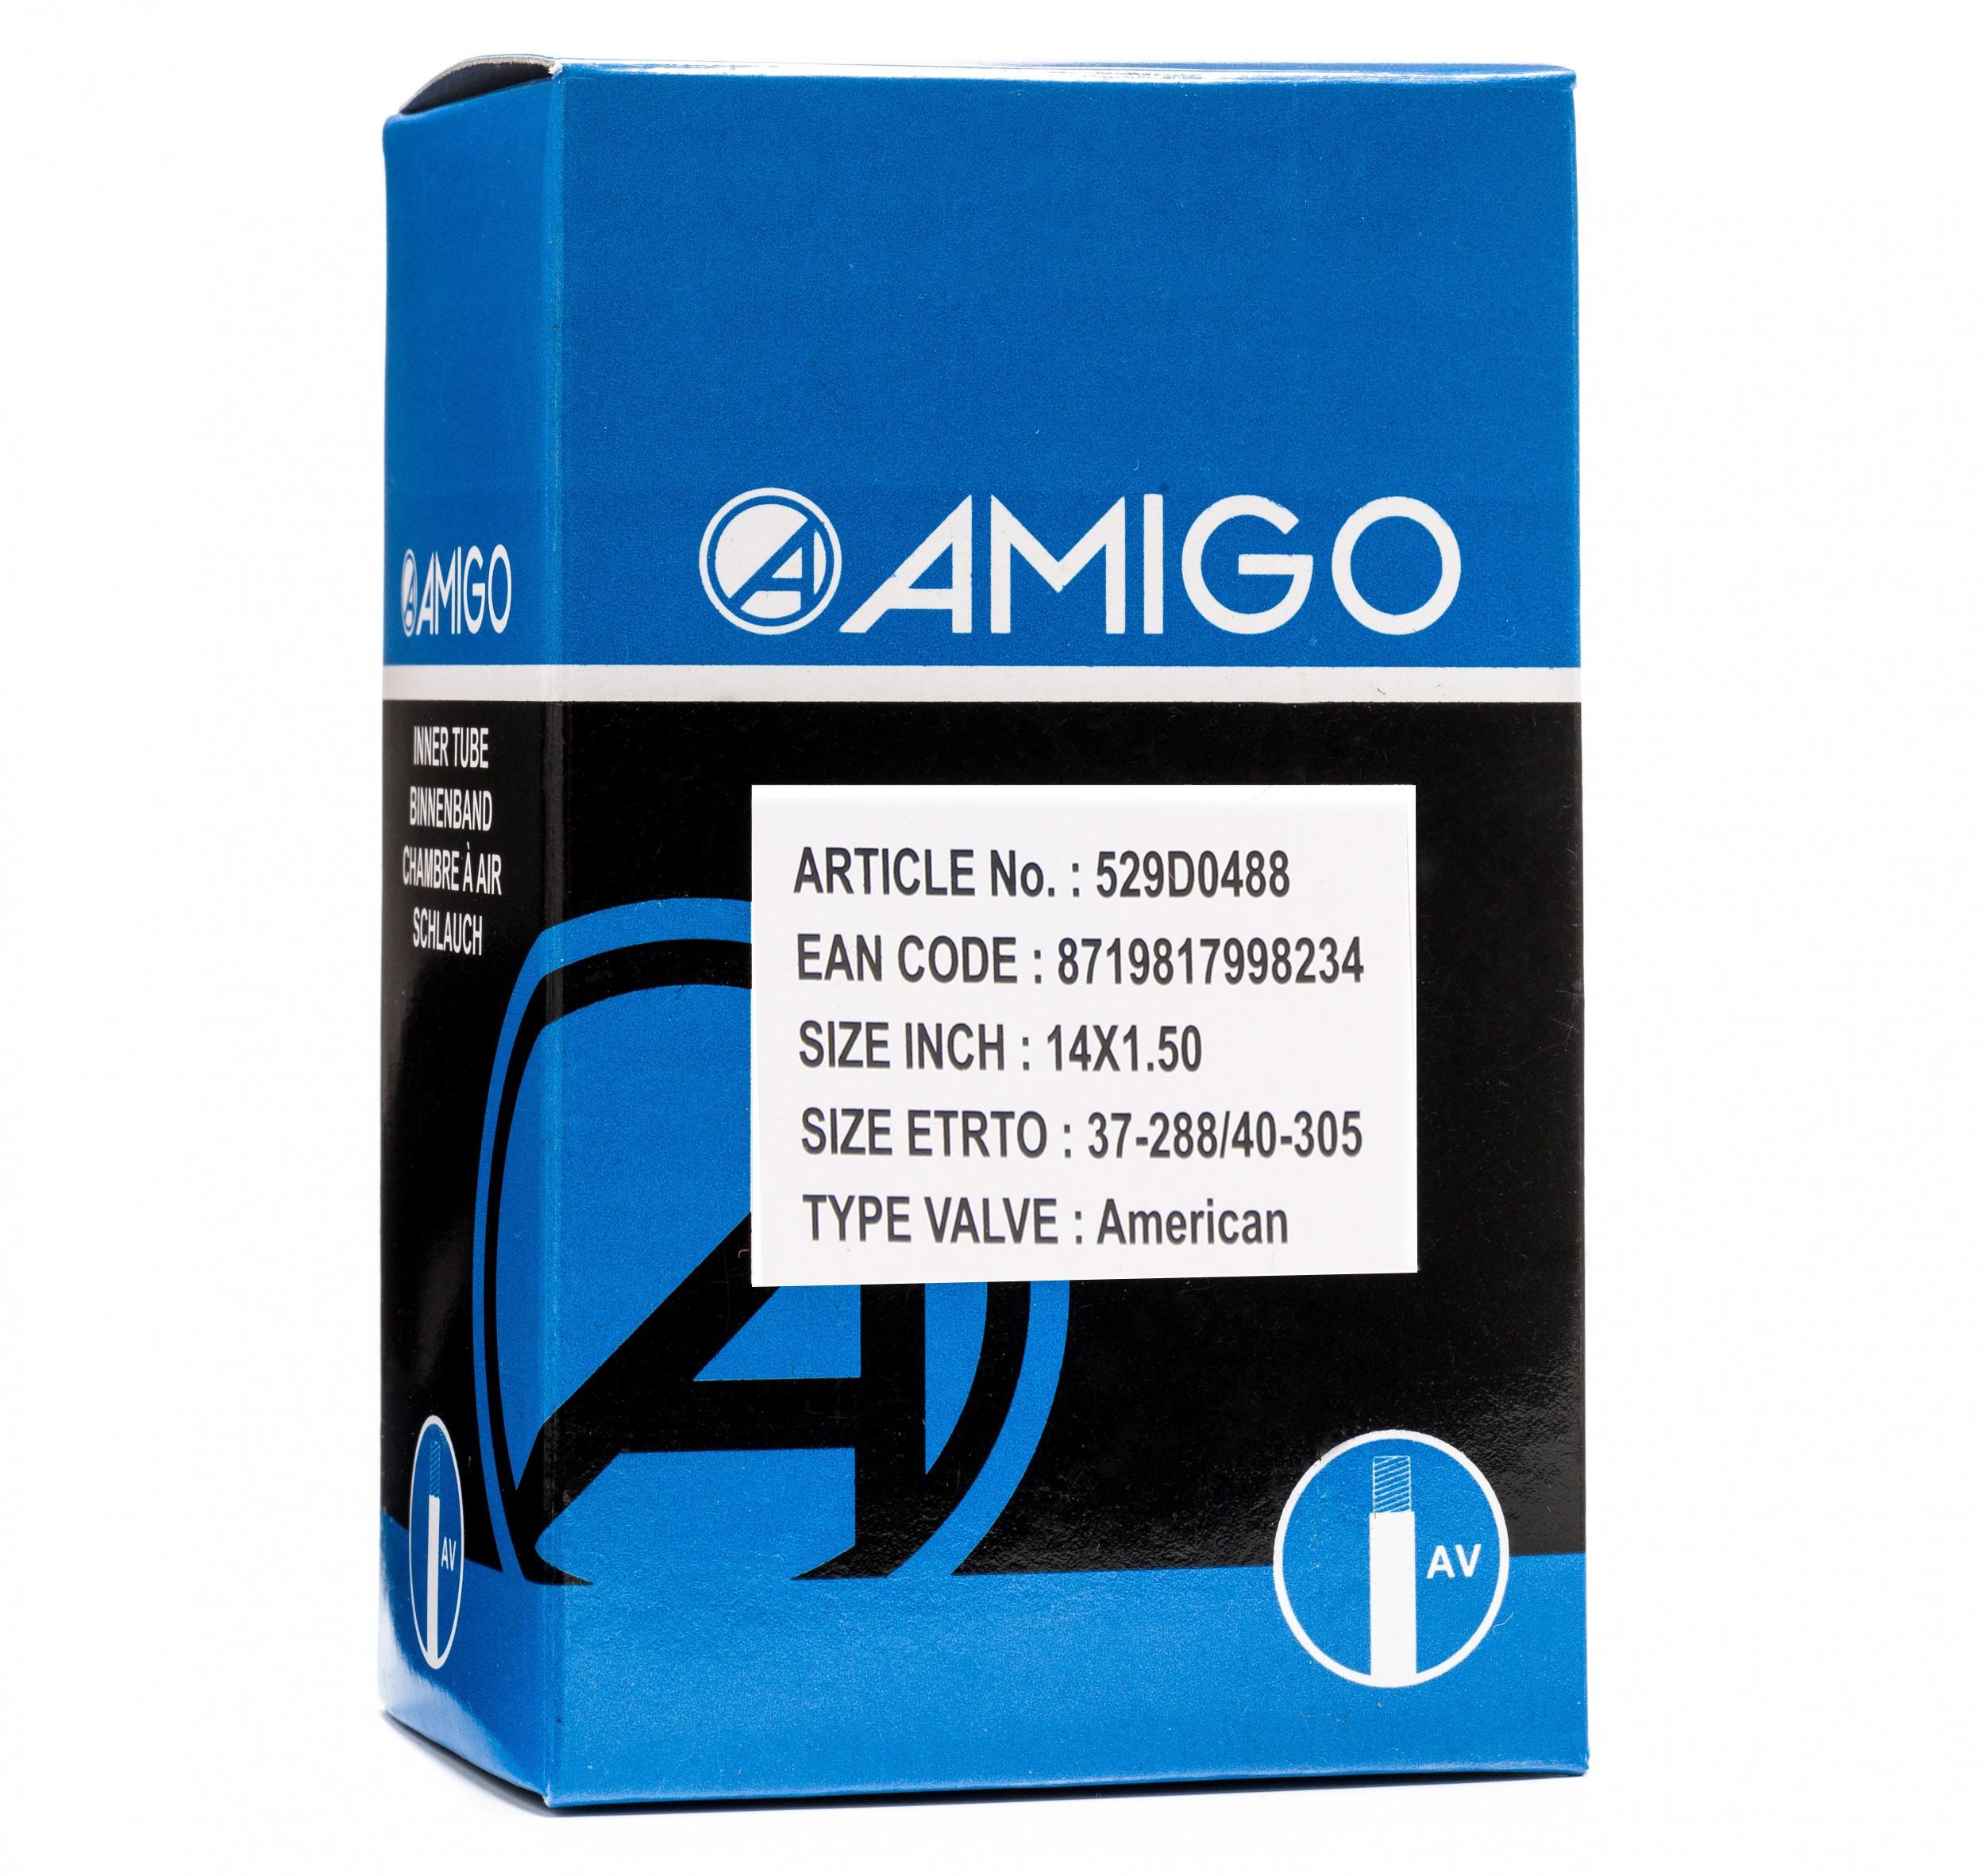 AV 48 mm AMIGO 37//40-288//305 Schlauch 14 x 1,50